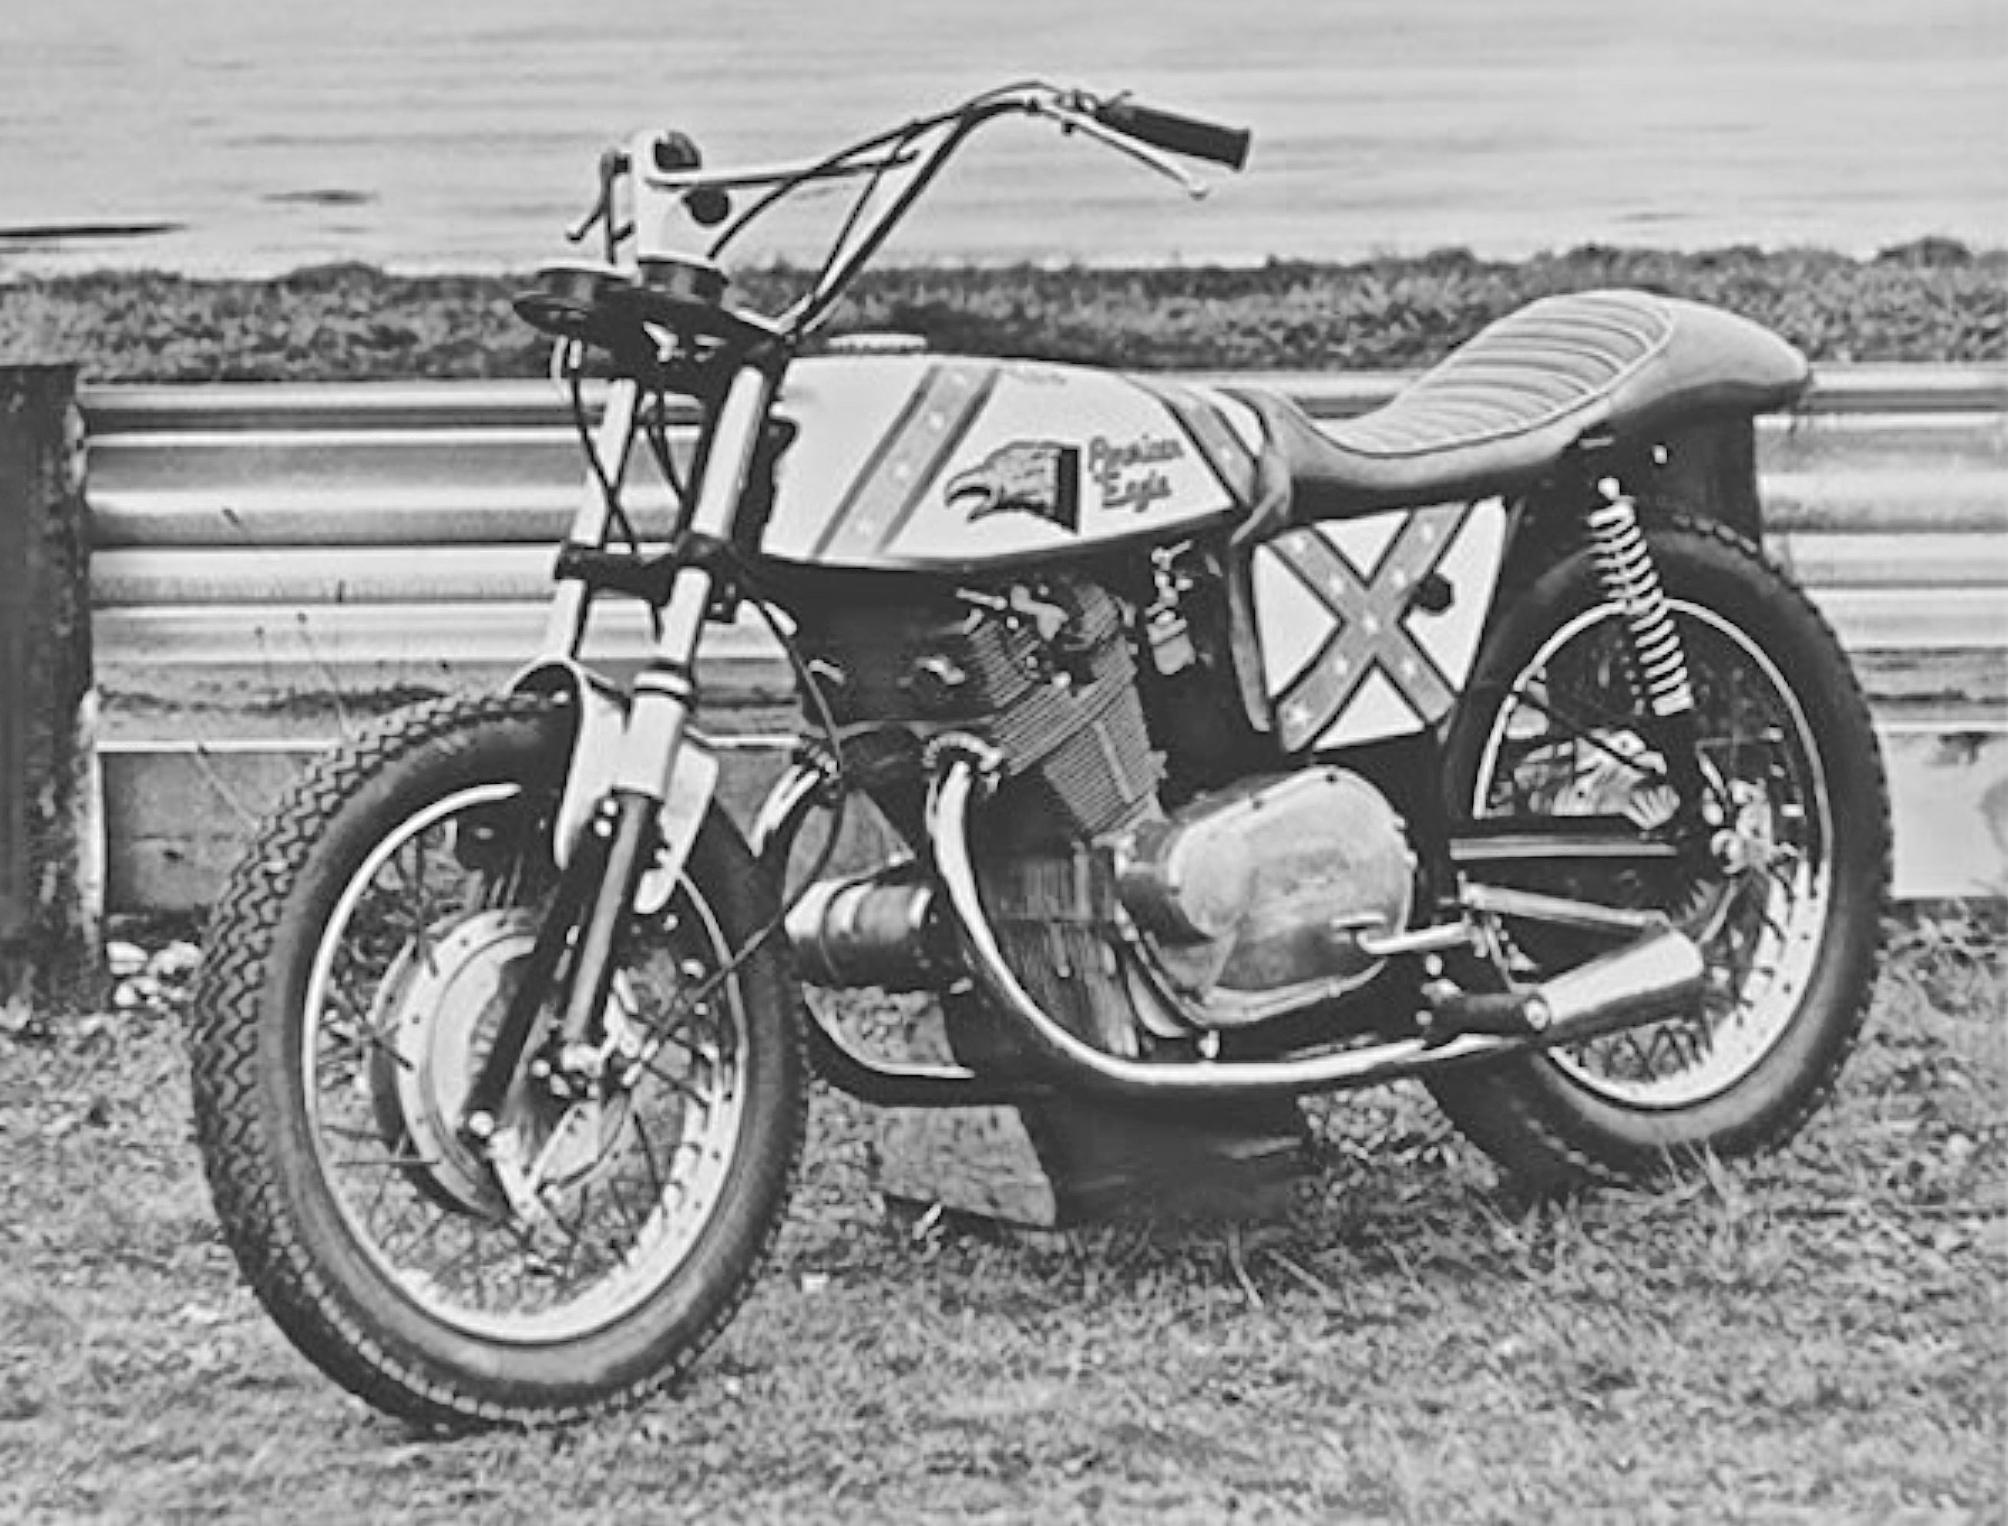 1974 Laverda 750sf At Handbuilt Motorcycle Show Atx Car